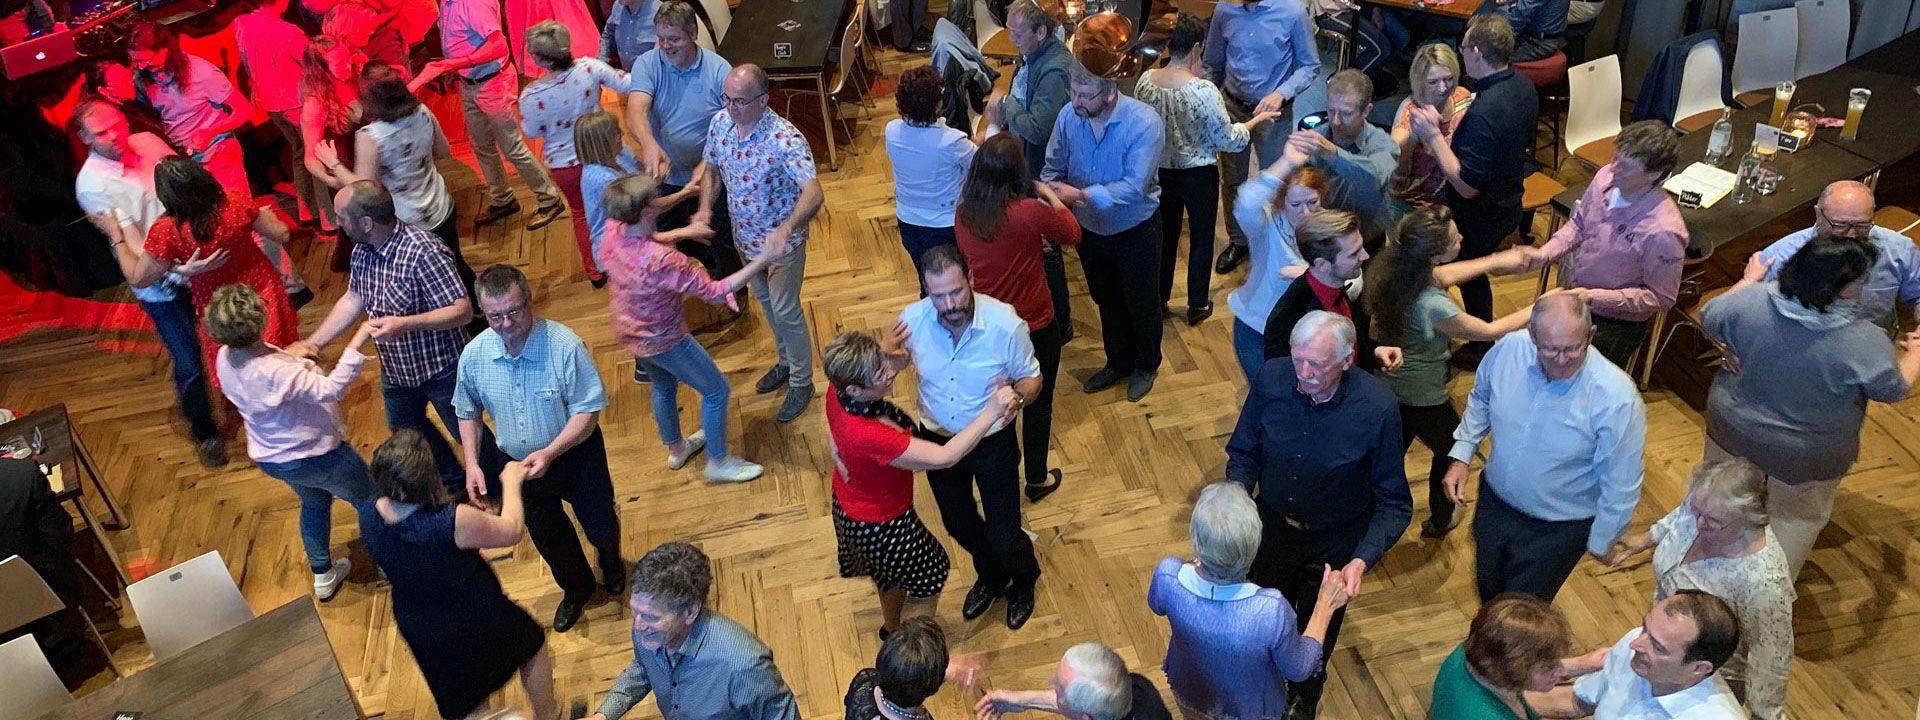 Tanzabend im Löwensaal